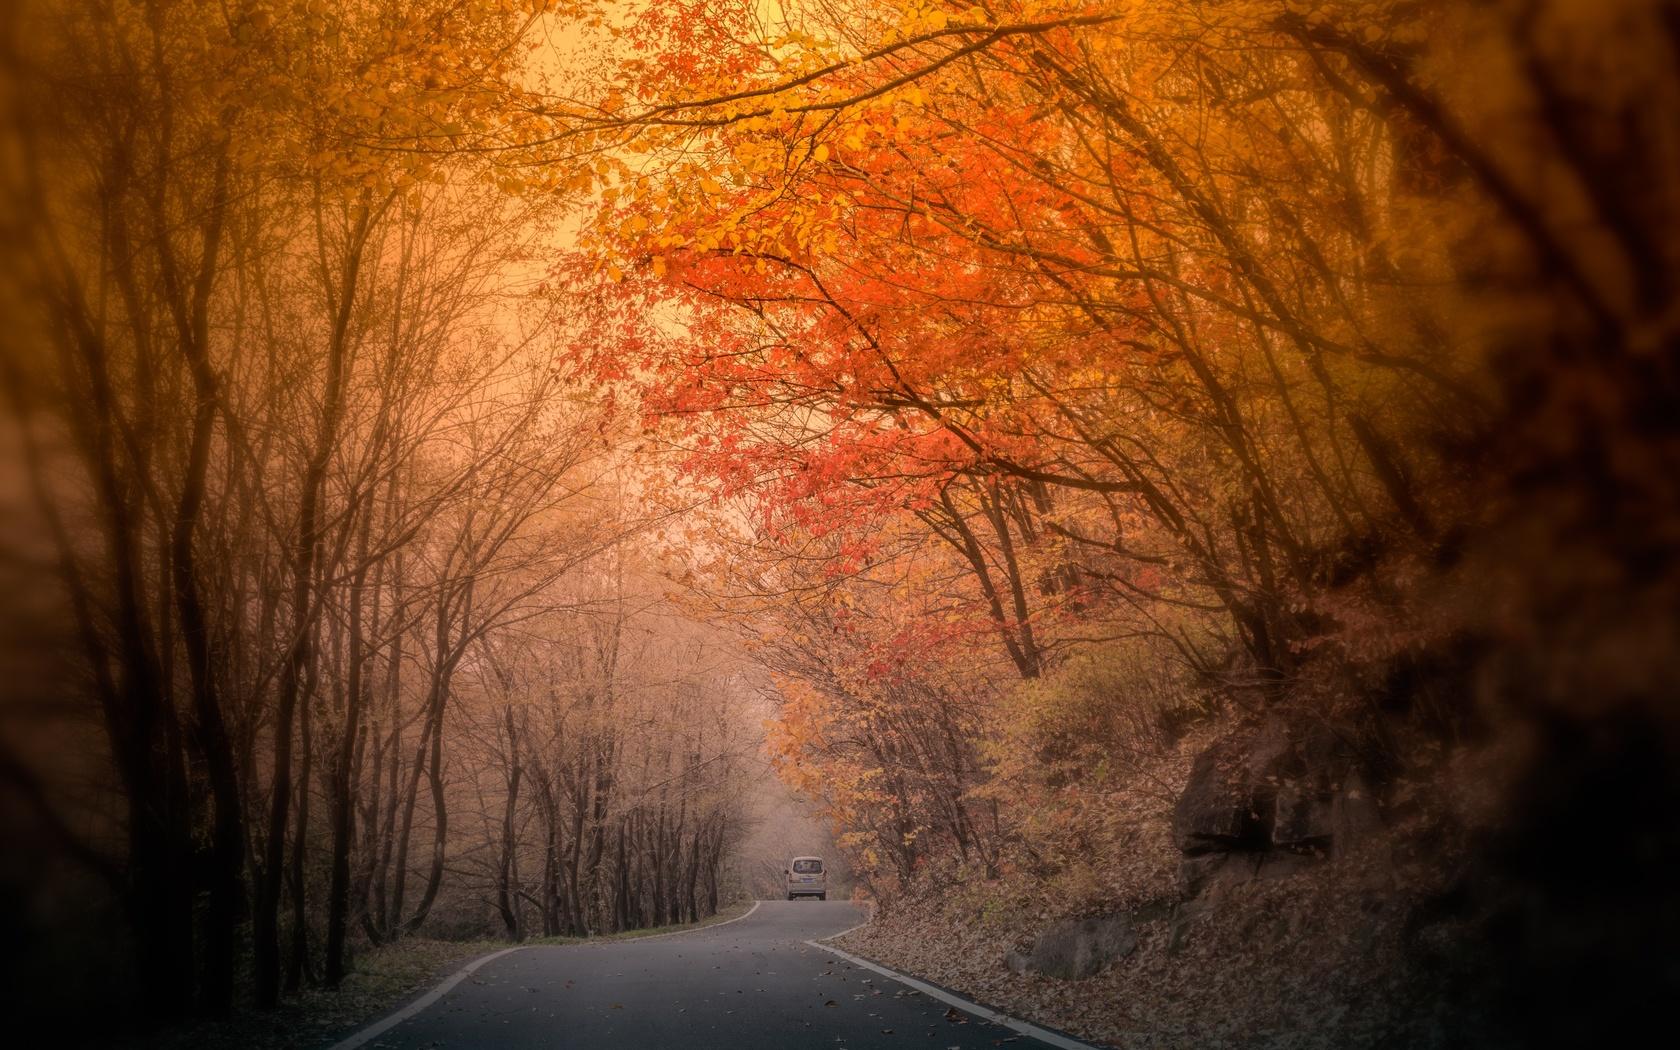 осень, деревья, дорога, туман